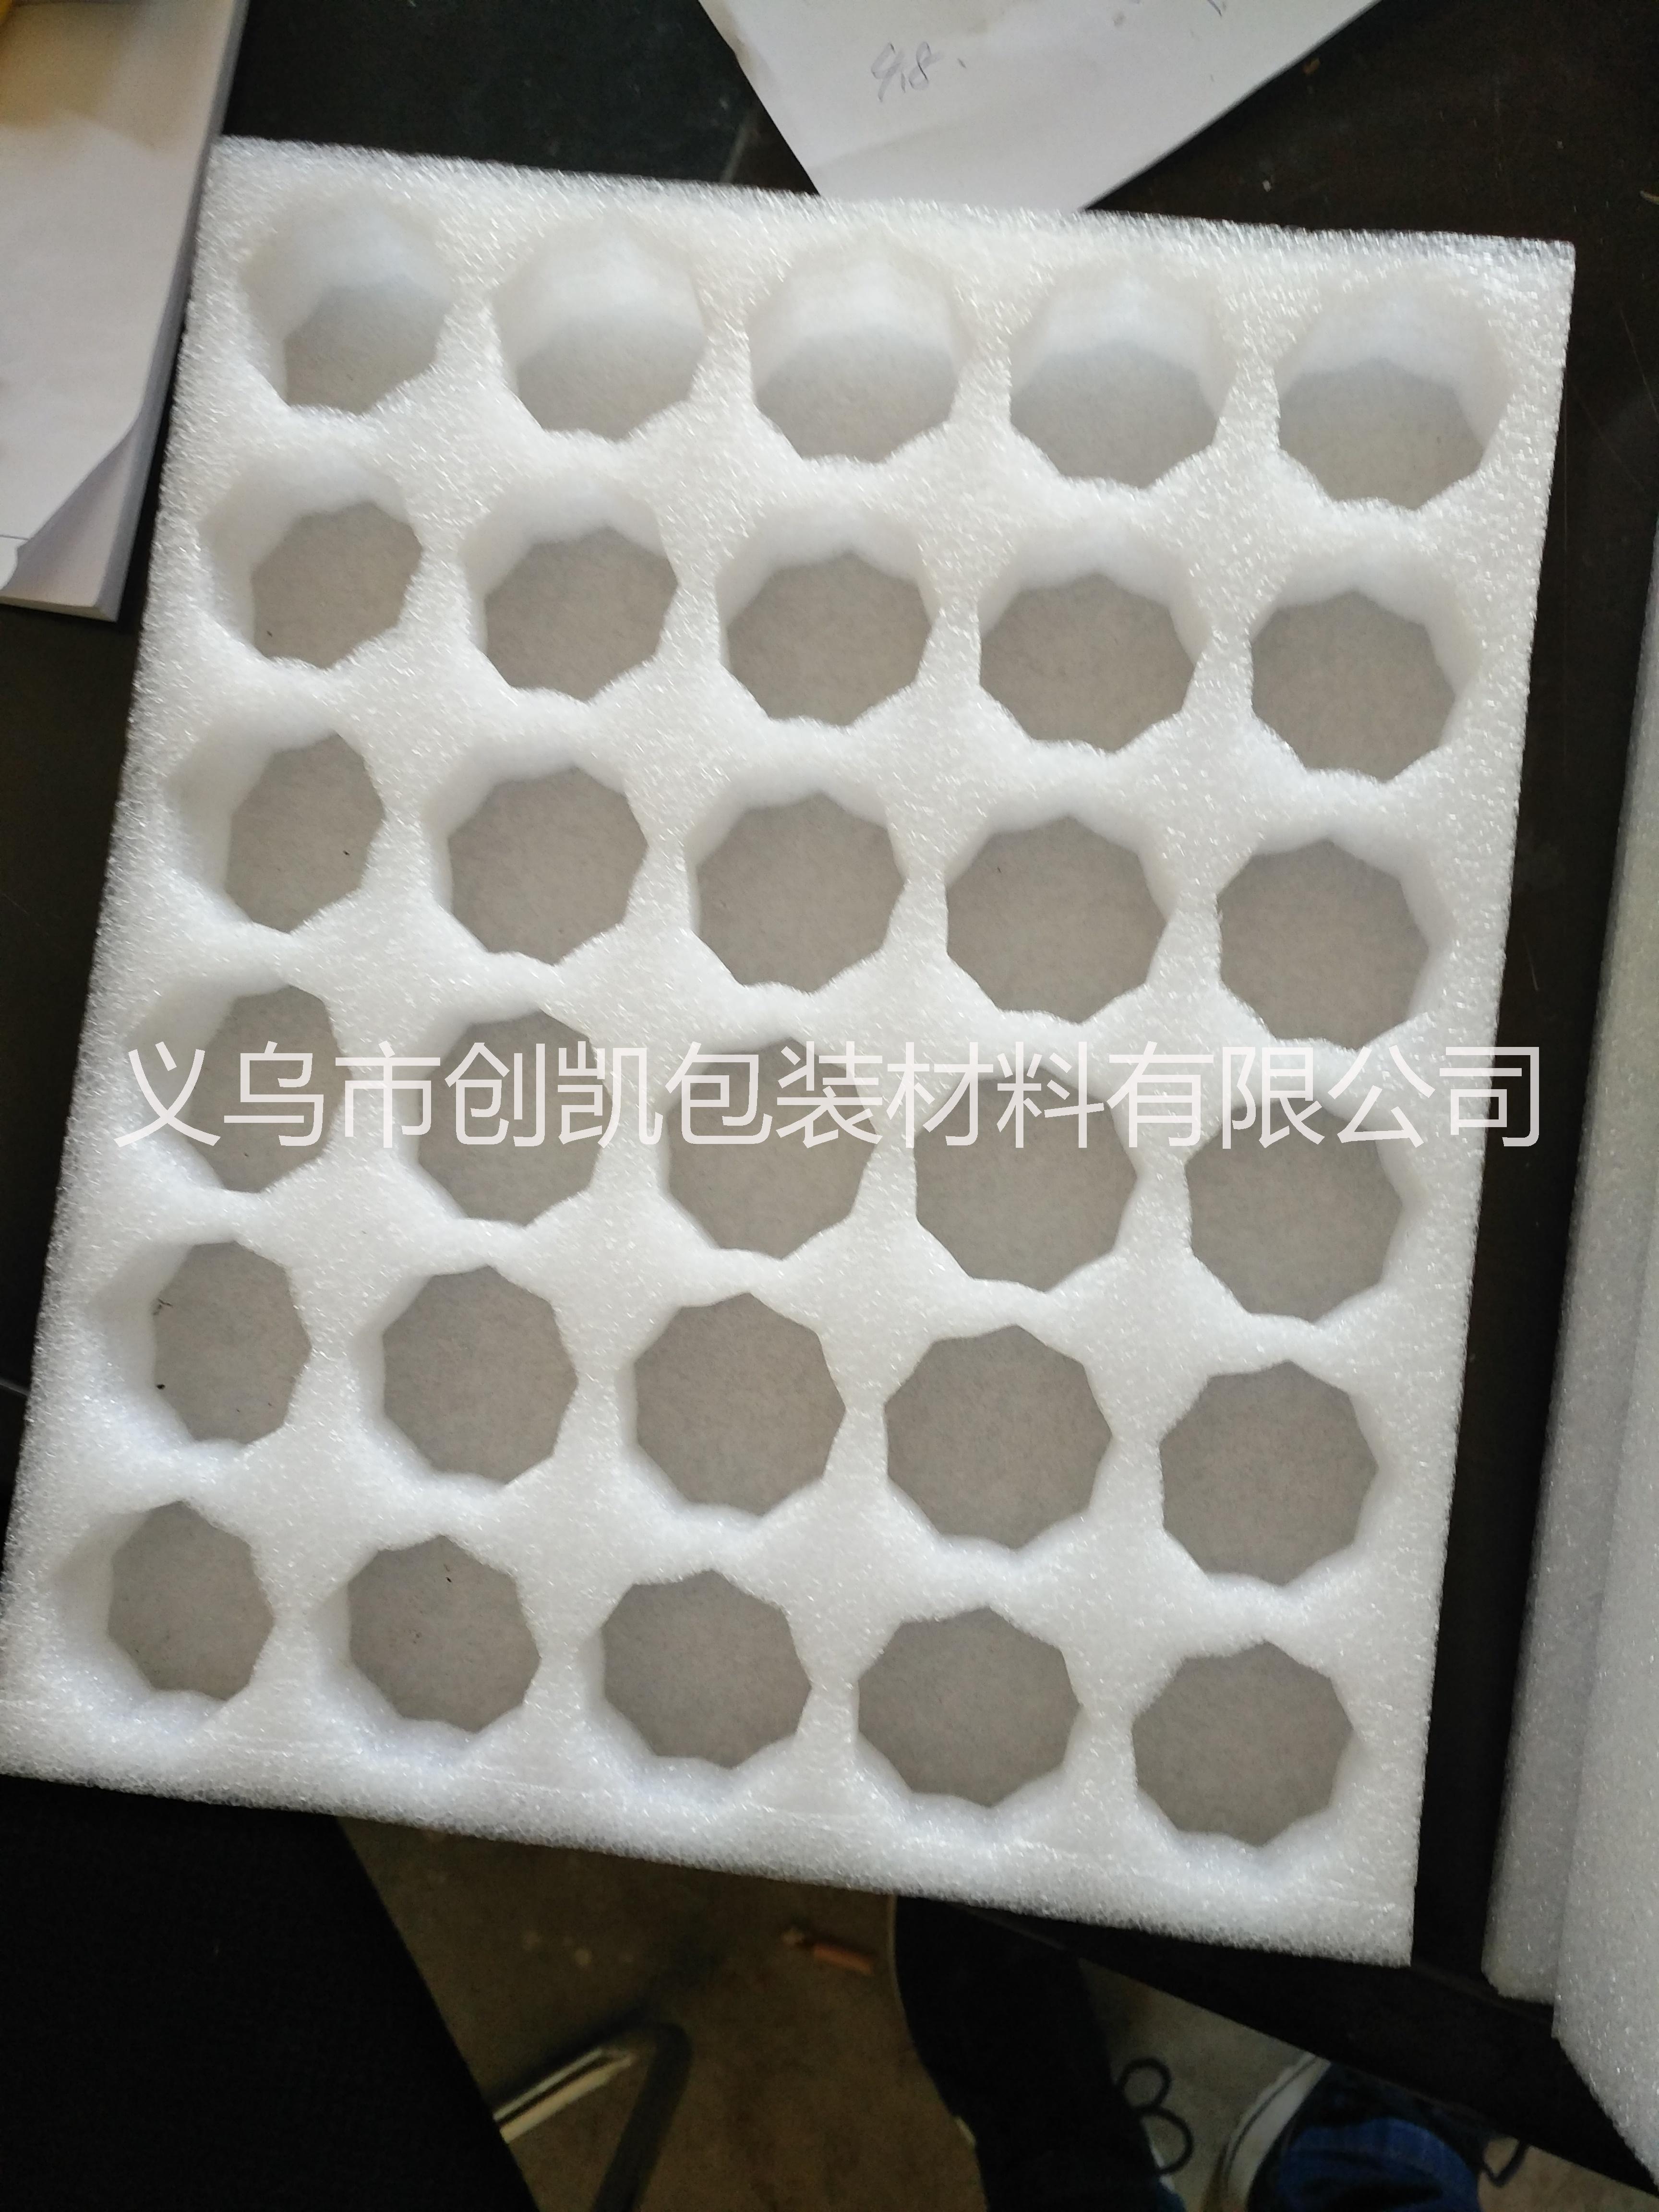 义乌珍珠棉片材 义乌珍珠棉板材 义乌珍珠棉异形材 义乌珍珠棉 义乌市创凯包装材料有限公司